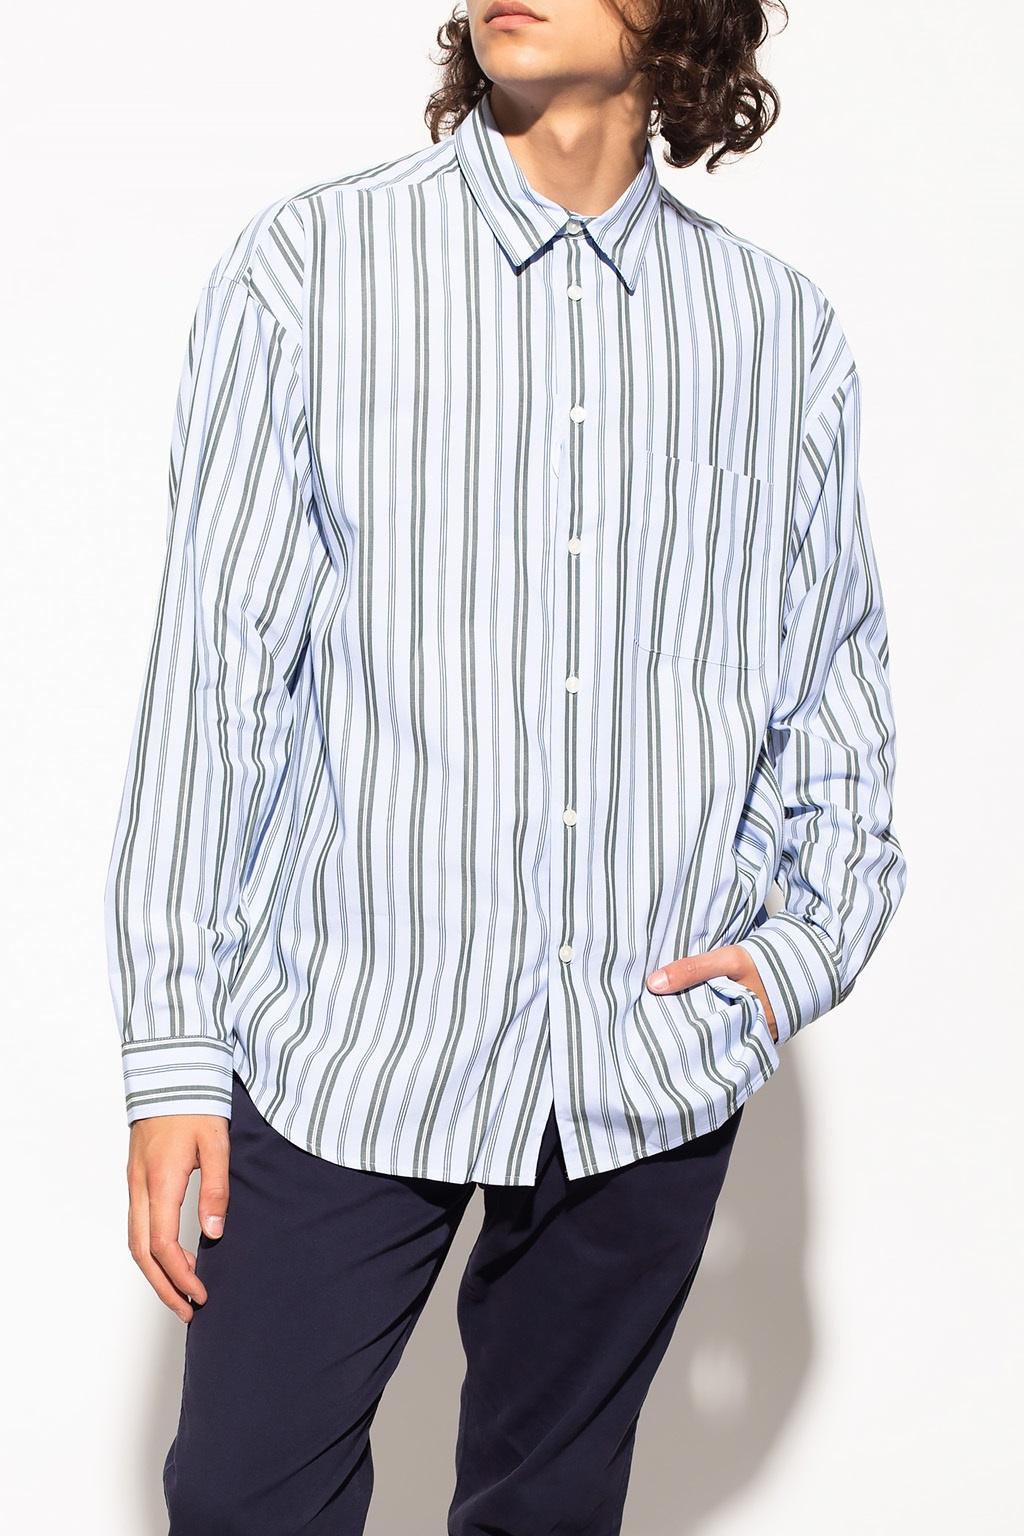 Samsøe Samsøe Shirt from organic cotton